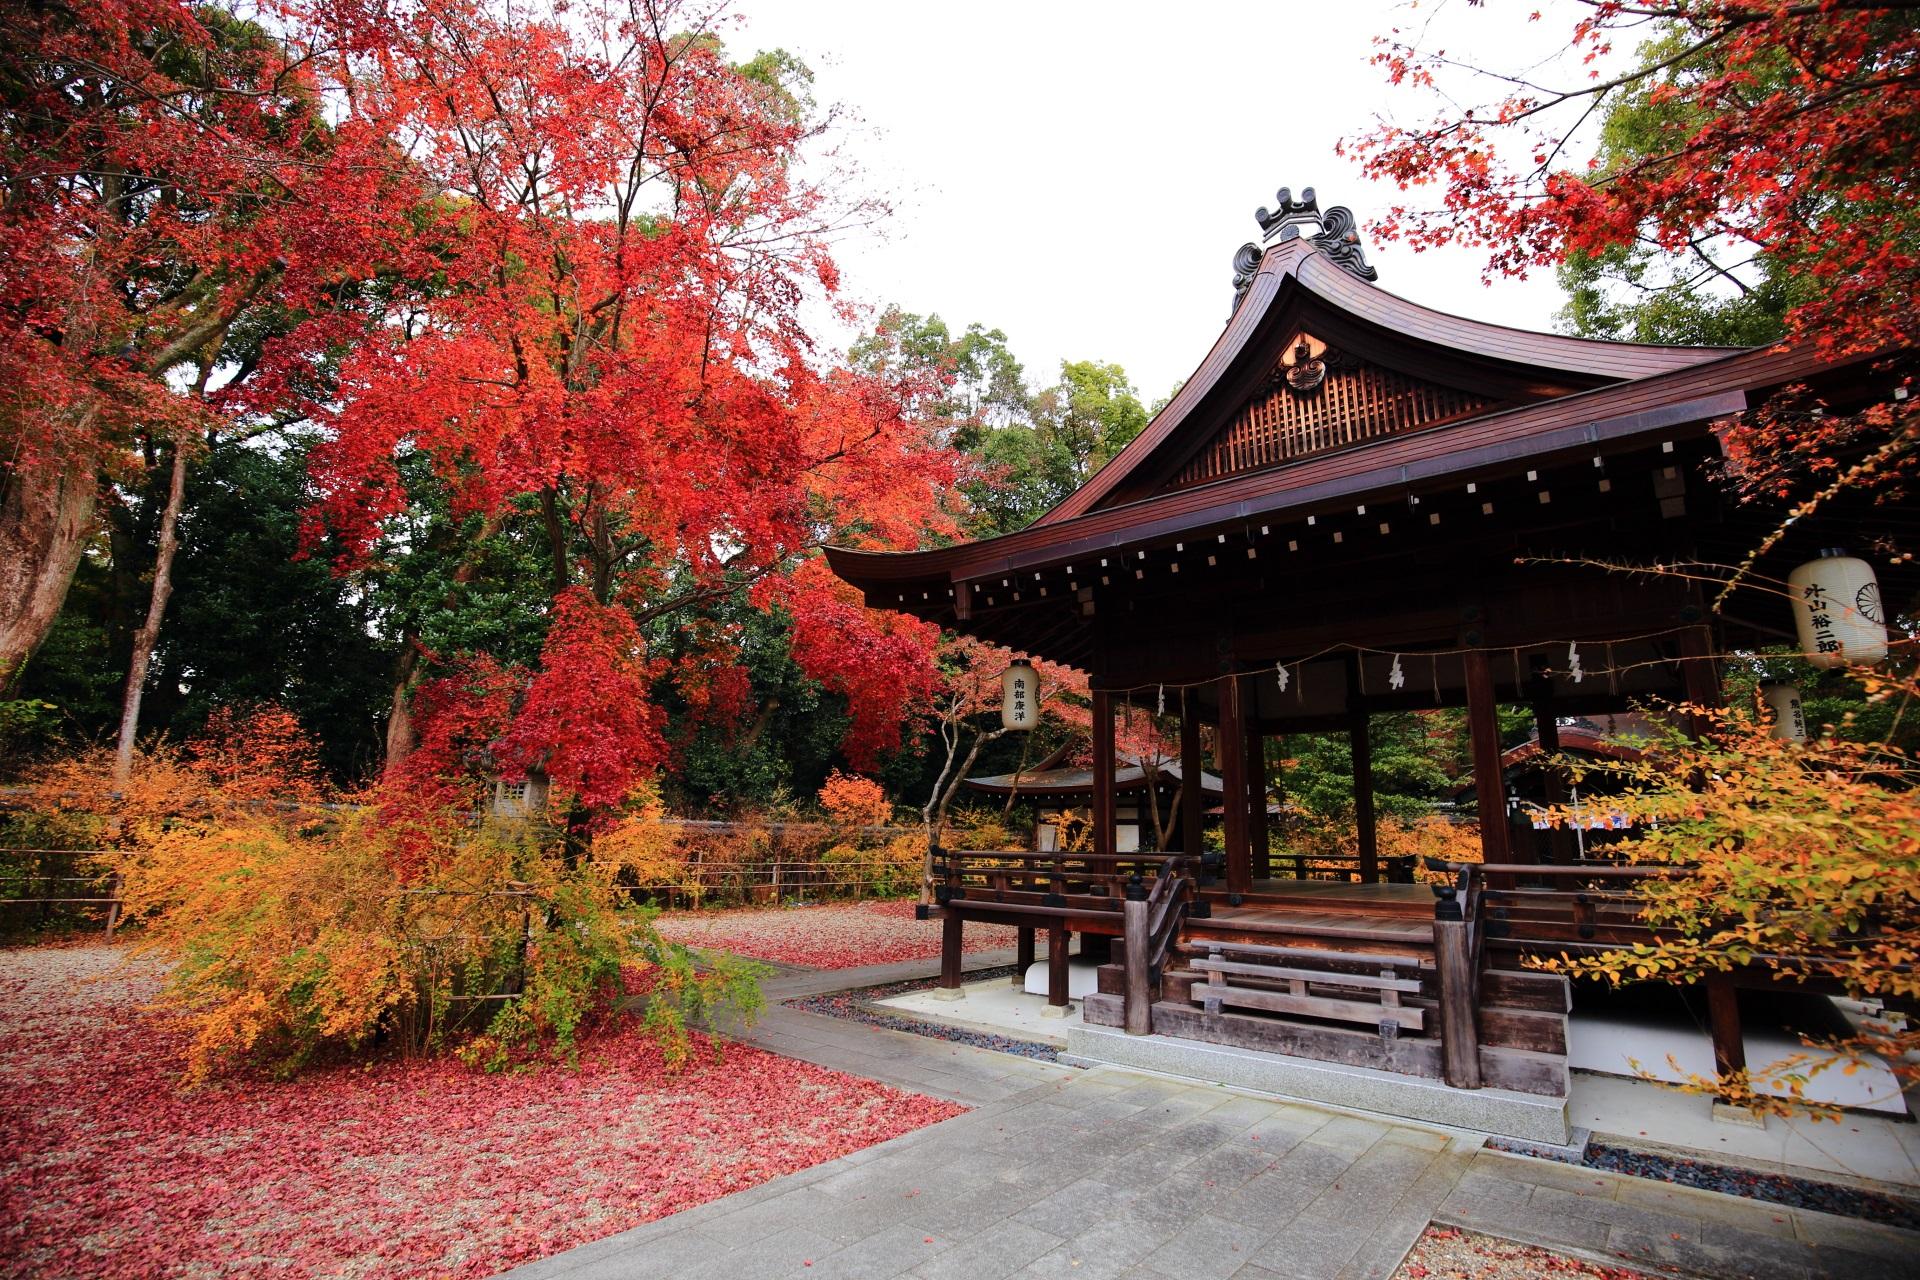 colored leaves Nashinoki-jinja shrine in Kyoto,Japan